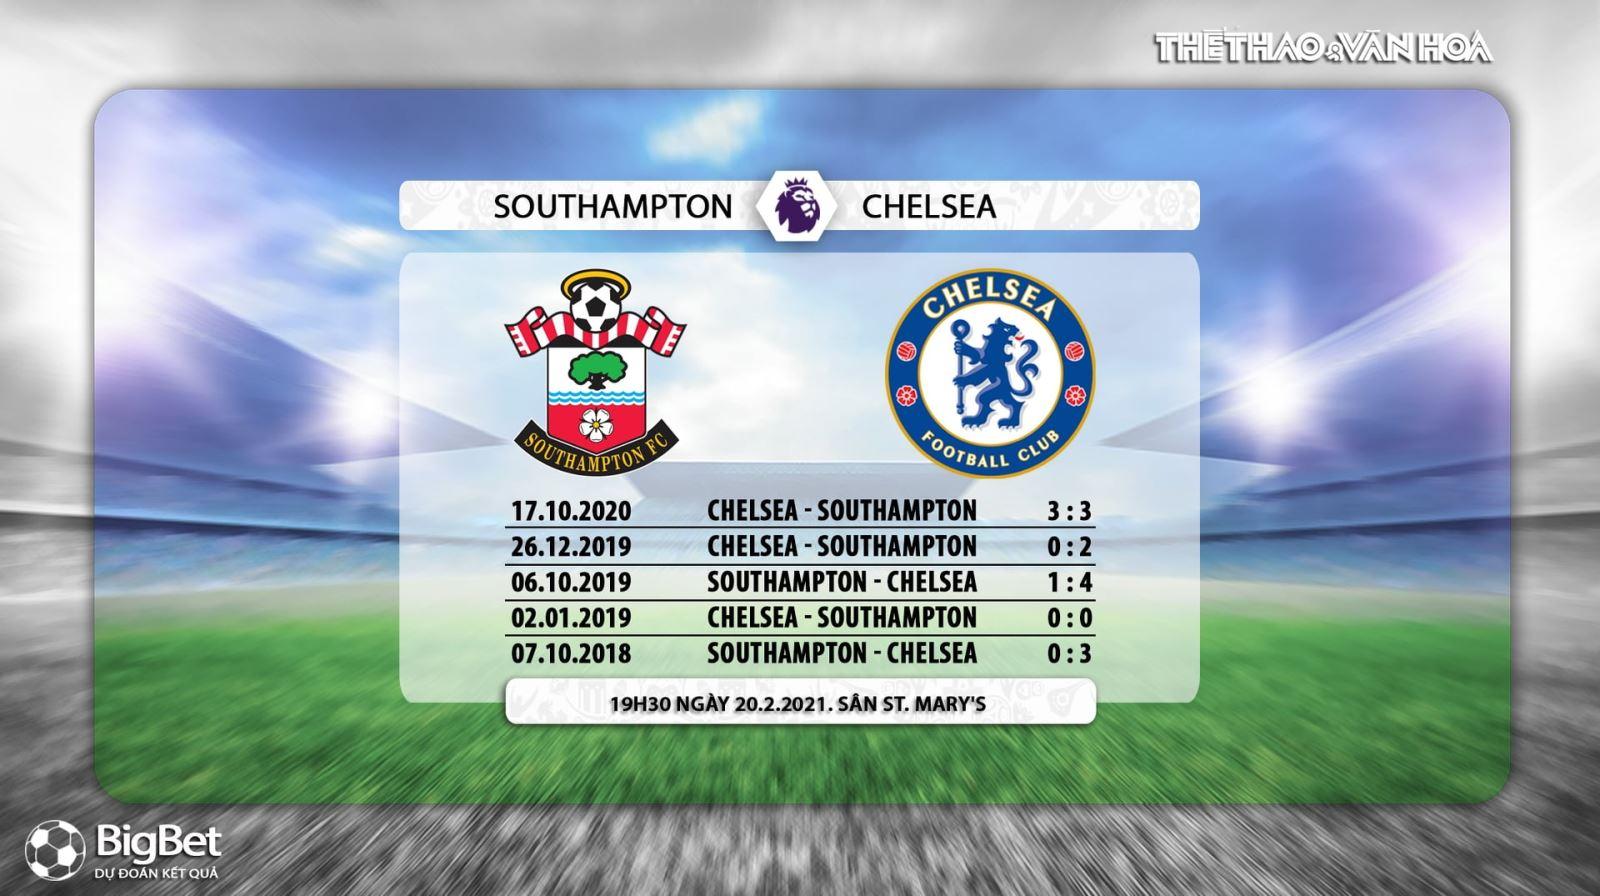 K+PM, Trực tiếp bóng đá Anh, Trực tiếp bóng đá, Southampton vs Chelsea, BXH Anh, Xem trực tuyến bóng đá Anh, lịch thi đấu bóng đá Anh, kèo Chelsea, Liverpool vs Everton